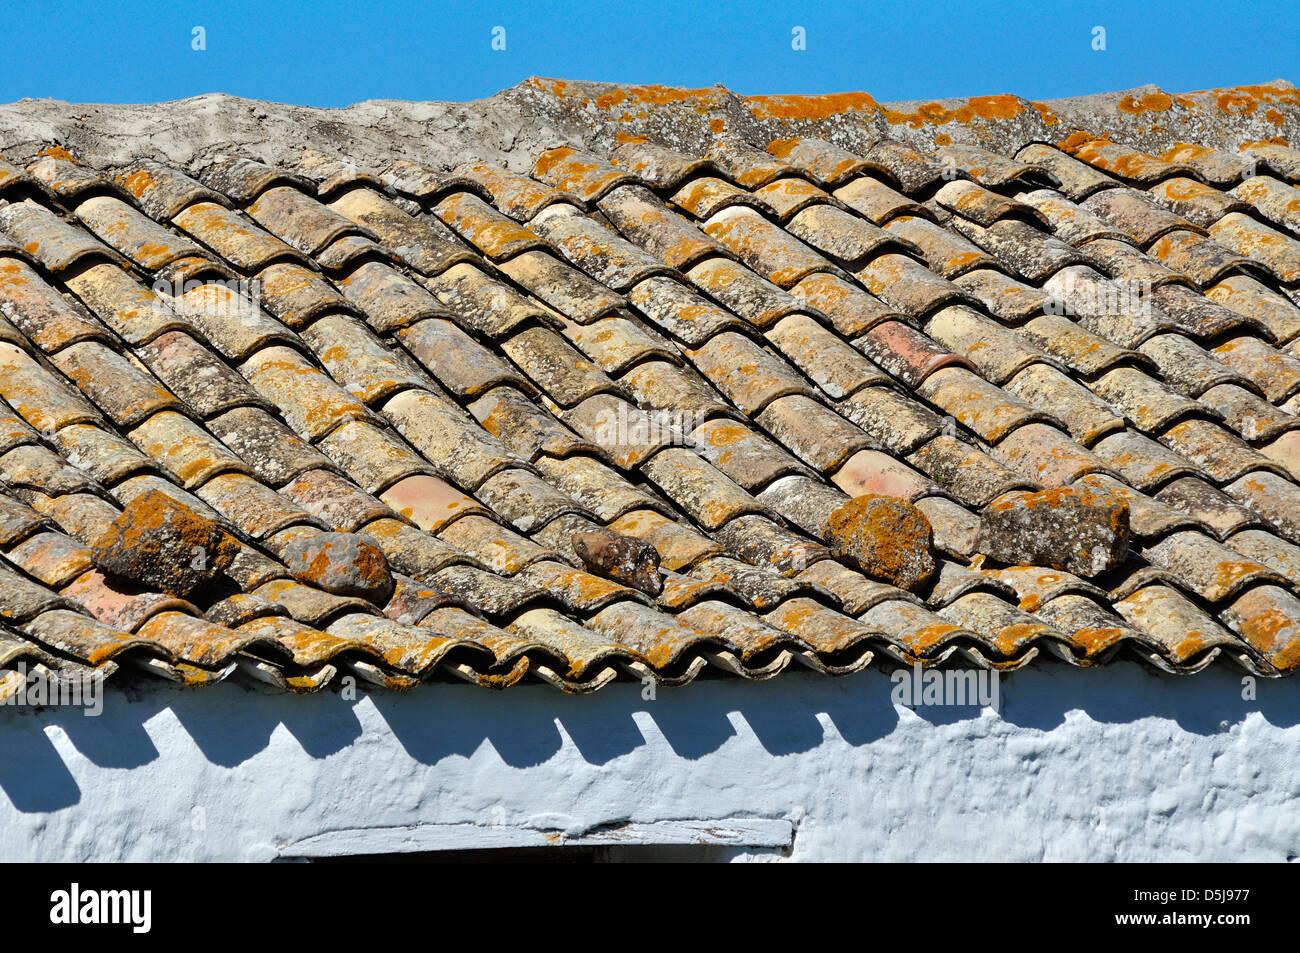 Come Dipingere Vecchie Tegole tetto di tegole in sicilia, italia foto & immagine stock